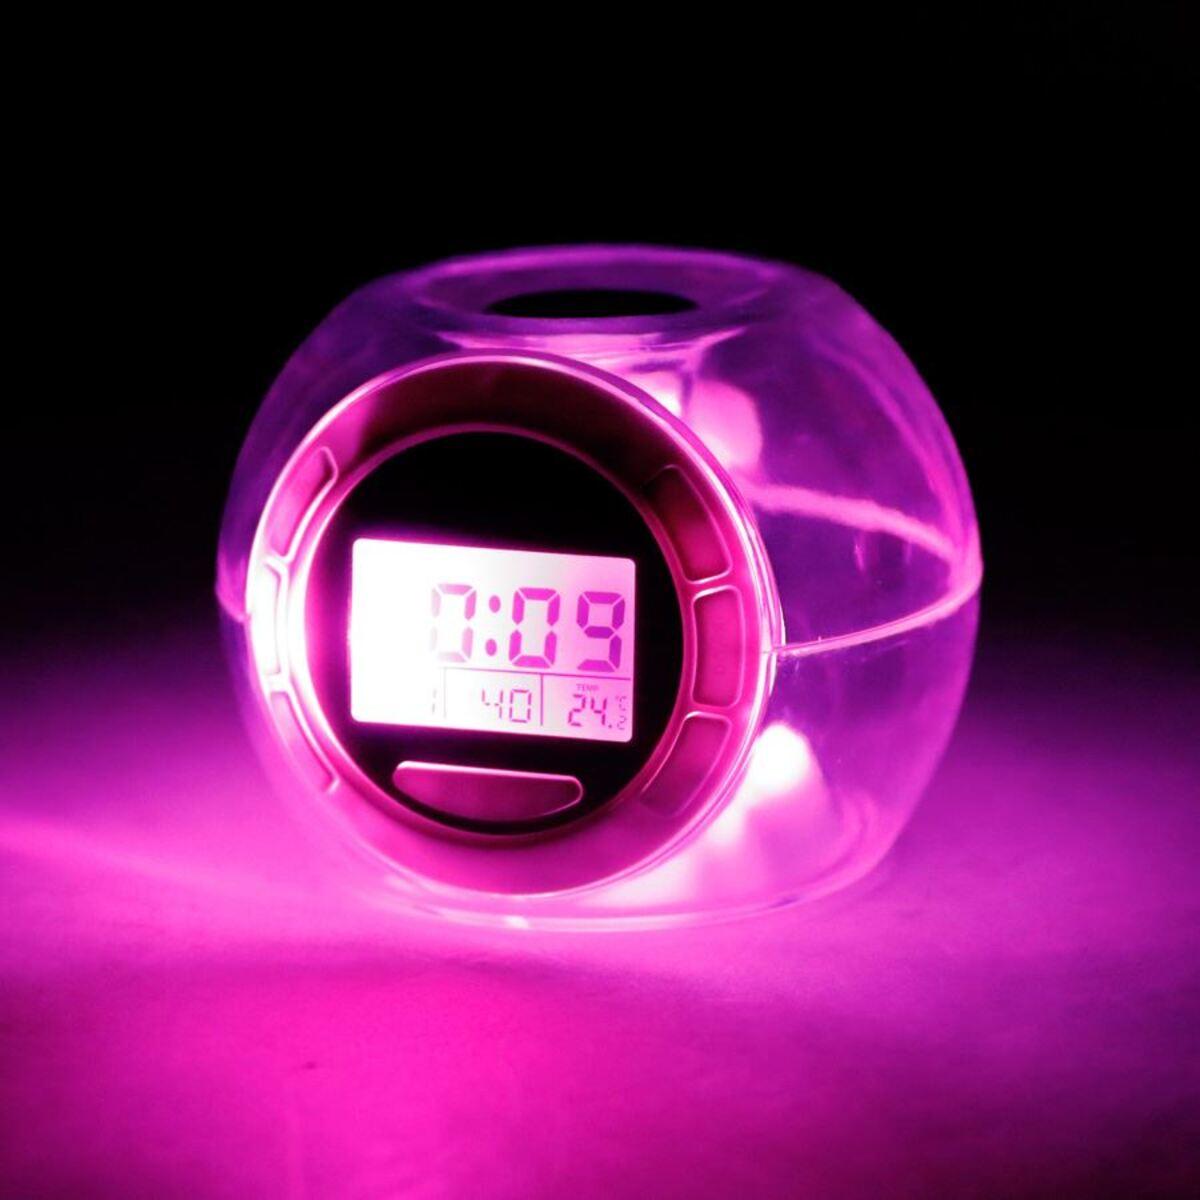 Bild 4 von Grundig LED-Kalenderuhr mit Weckerfunktion und Thermometer